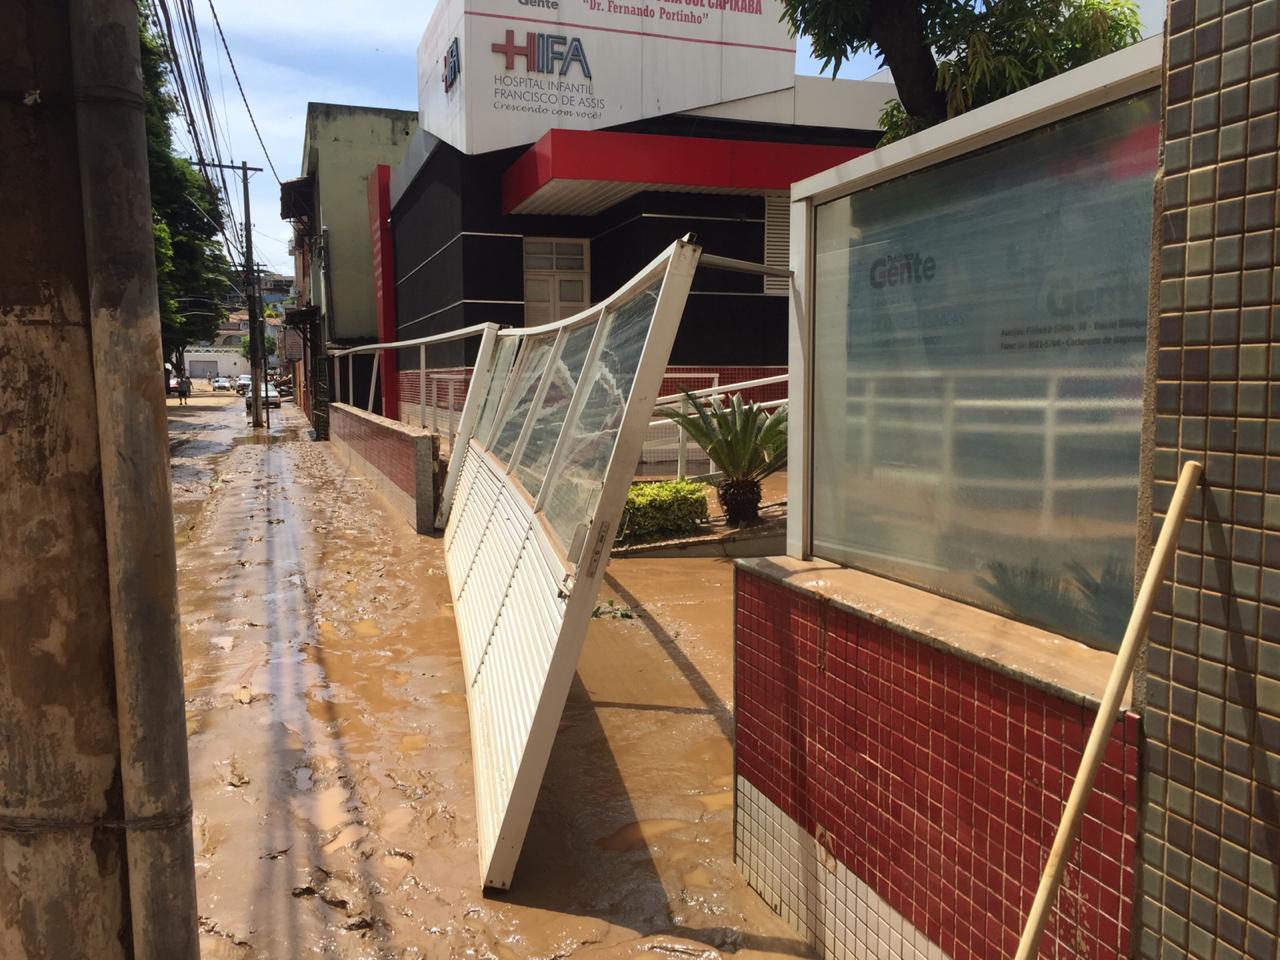 HIFA calcula prejuízo de meio milhão com as enchentes